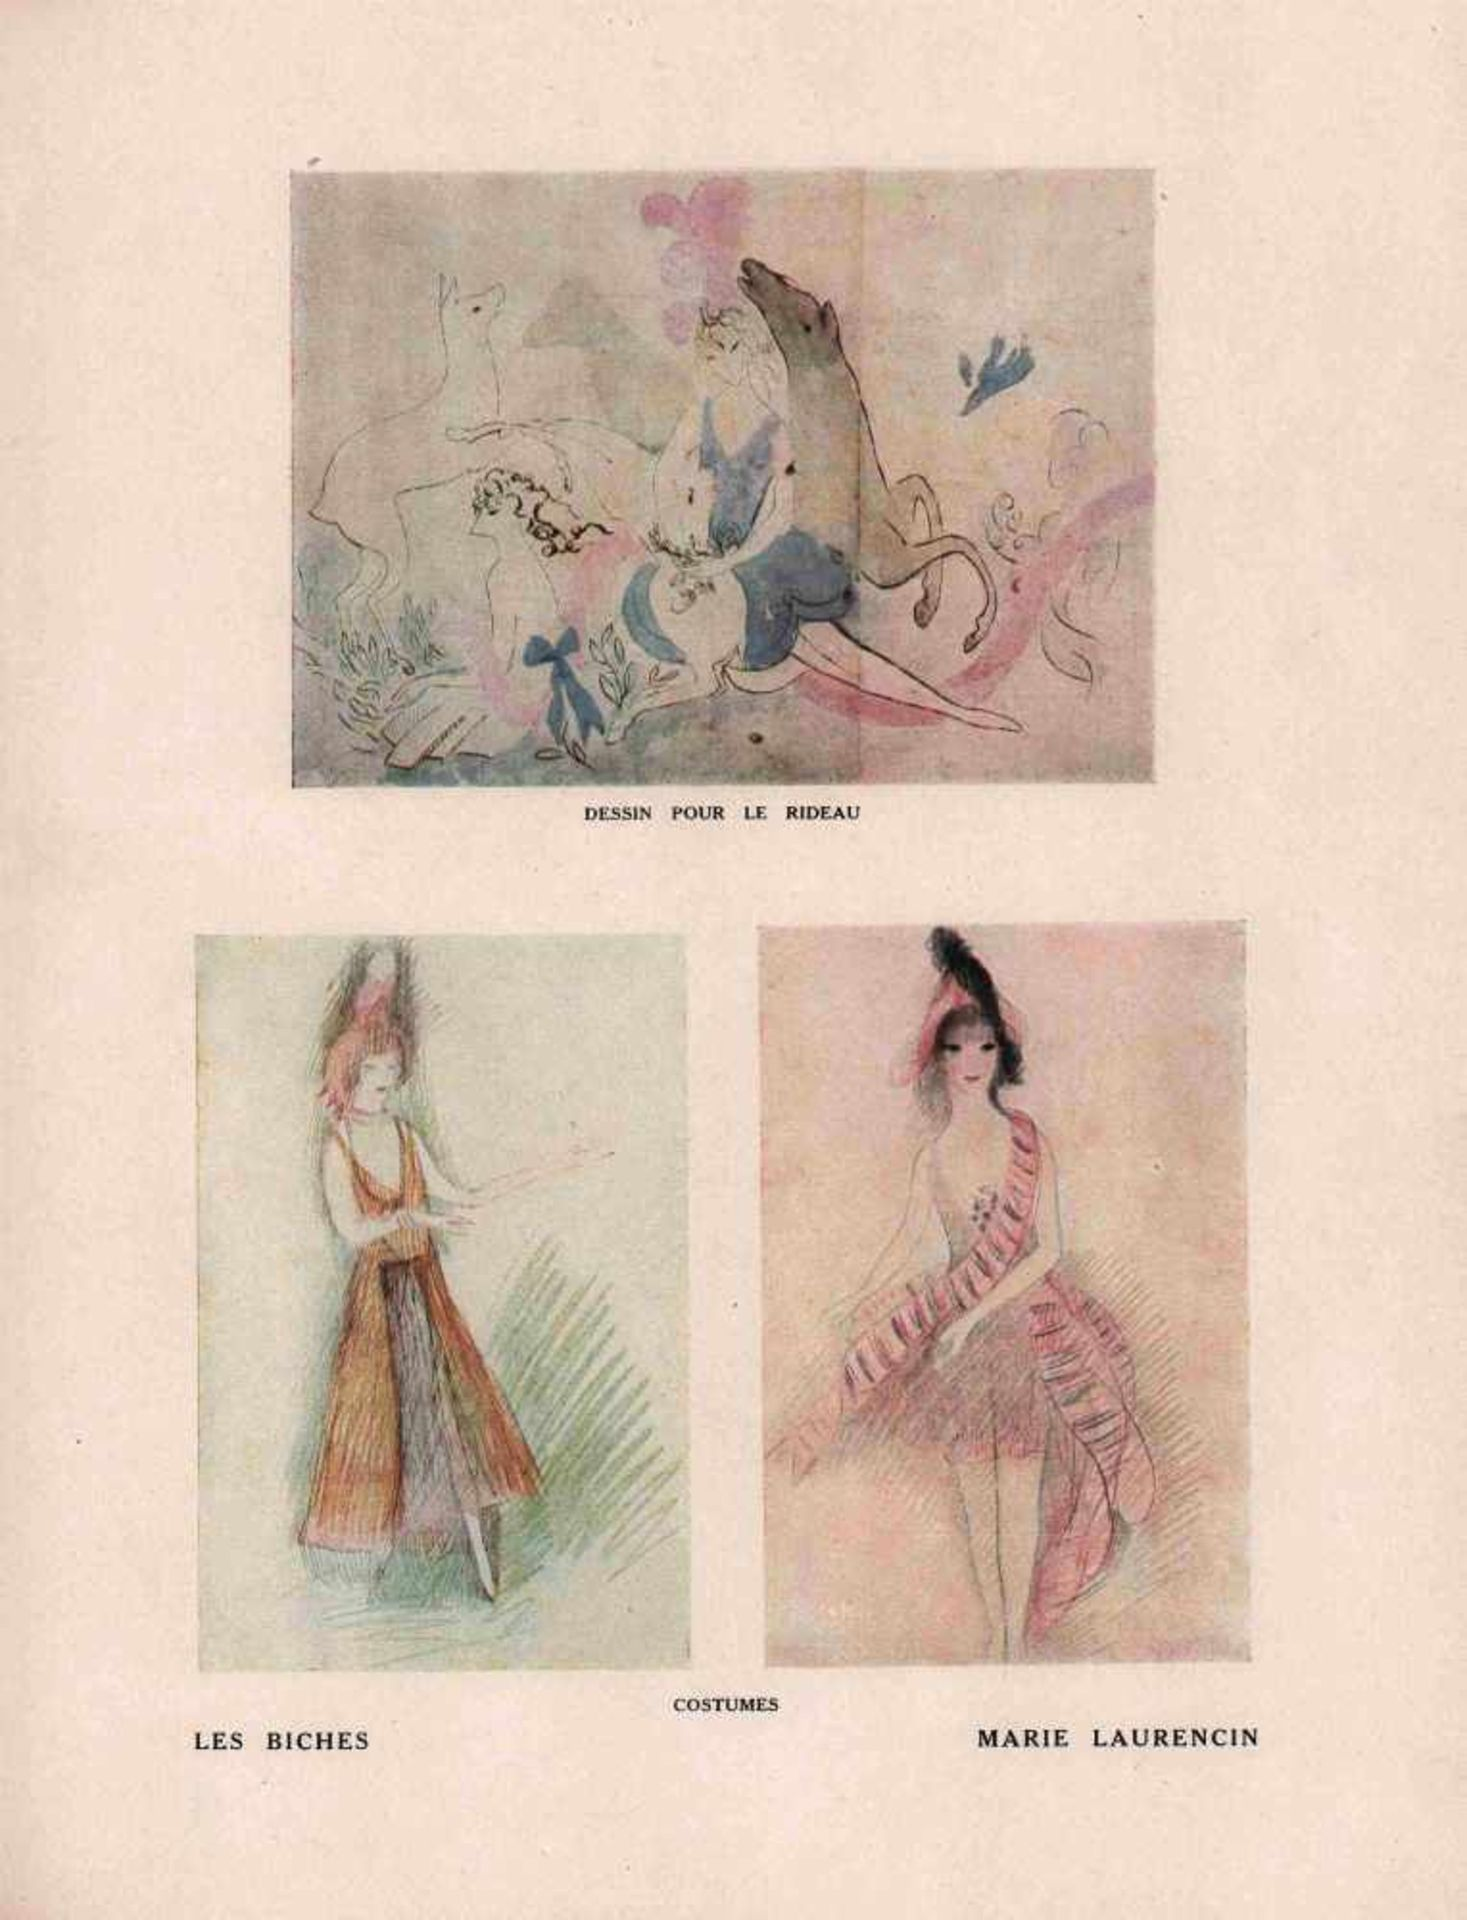 [BALLETS RUSSES, BRAQUE, GRIS, LAURENCIN, PICASSO] Ballets Russes im Théâtre de Monte-Carlo, Januar, - Bild 2 aus 2